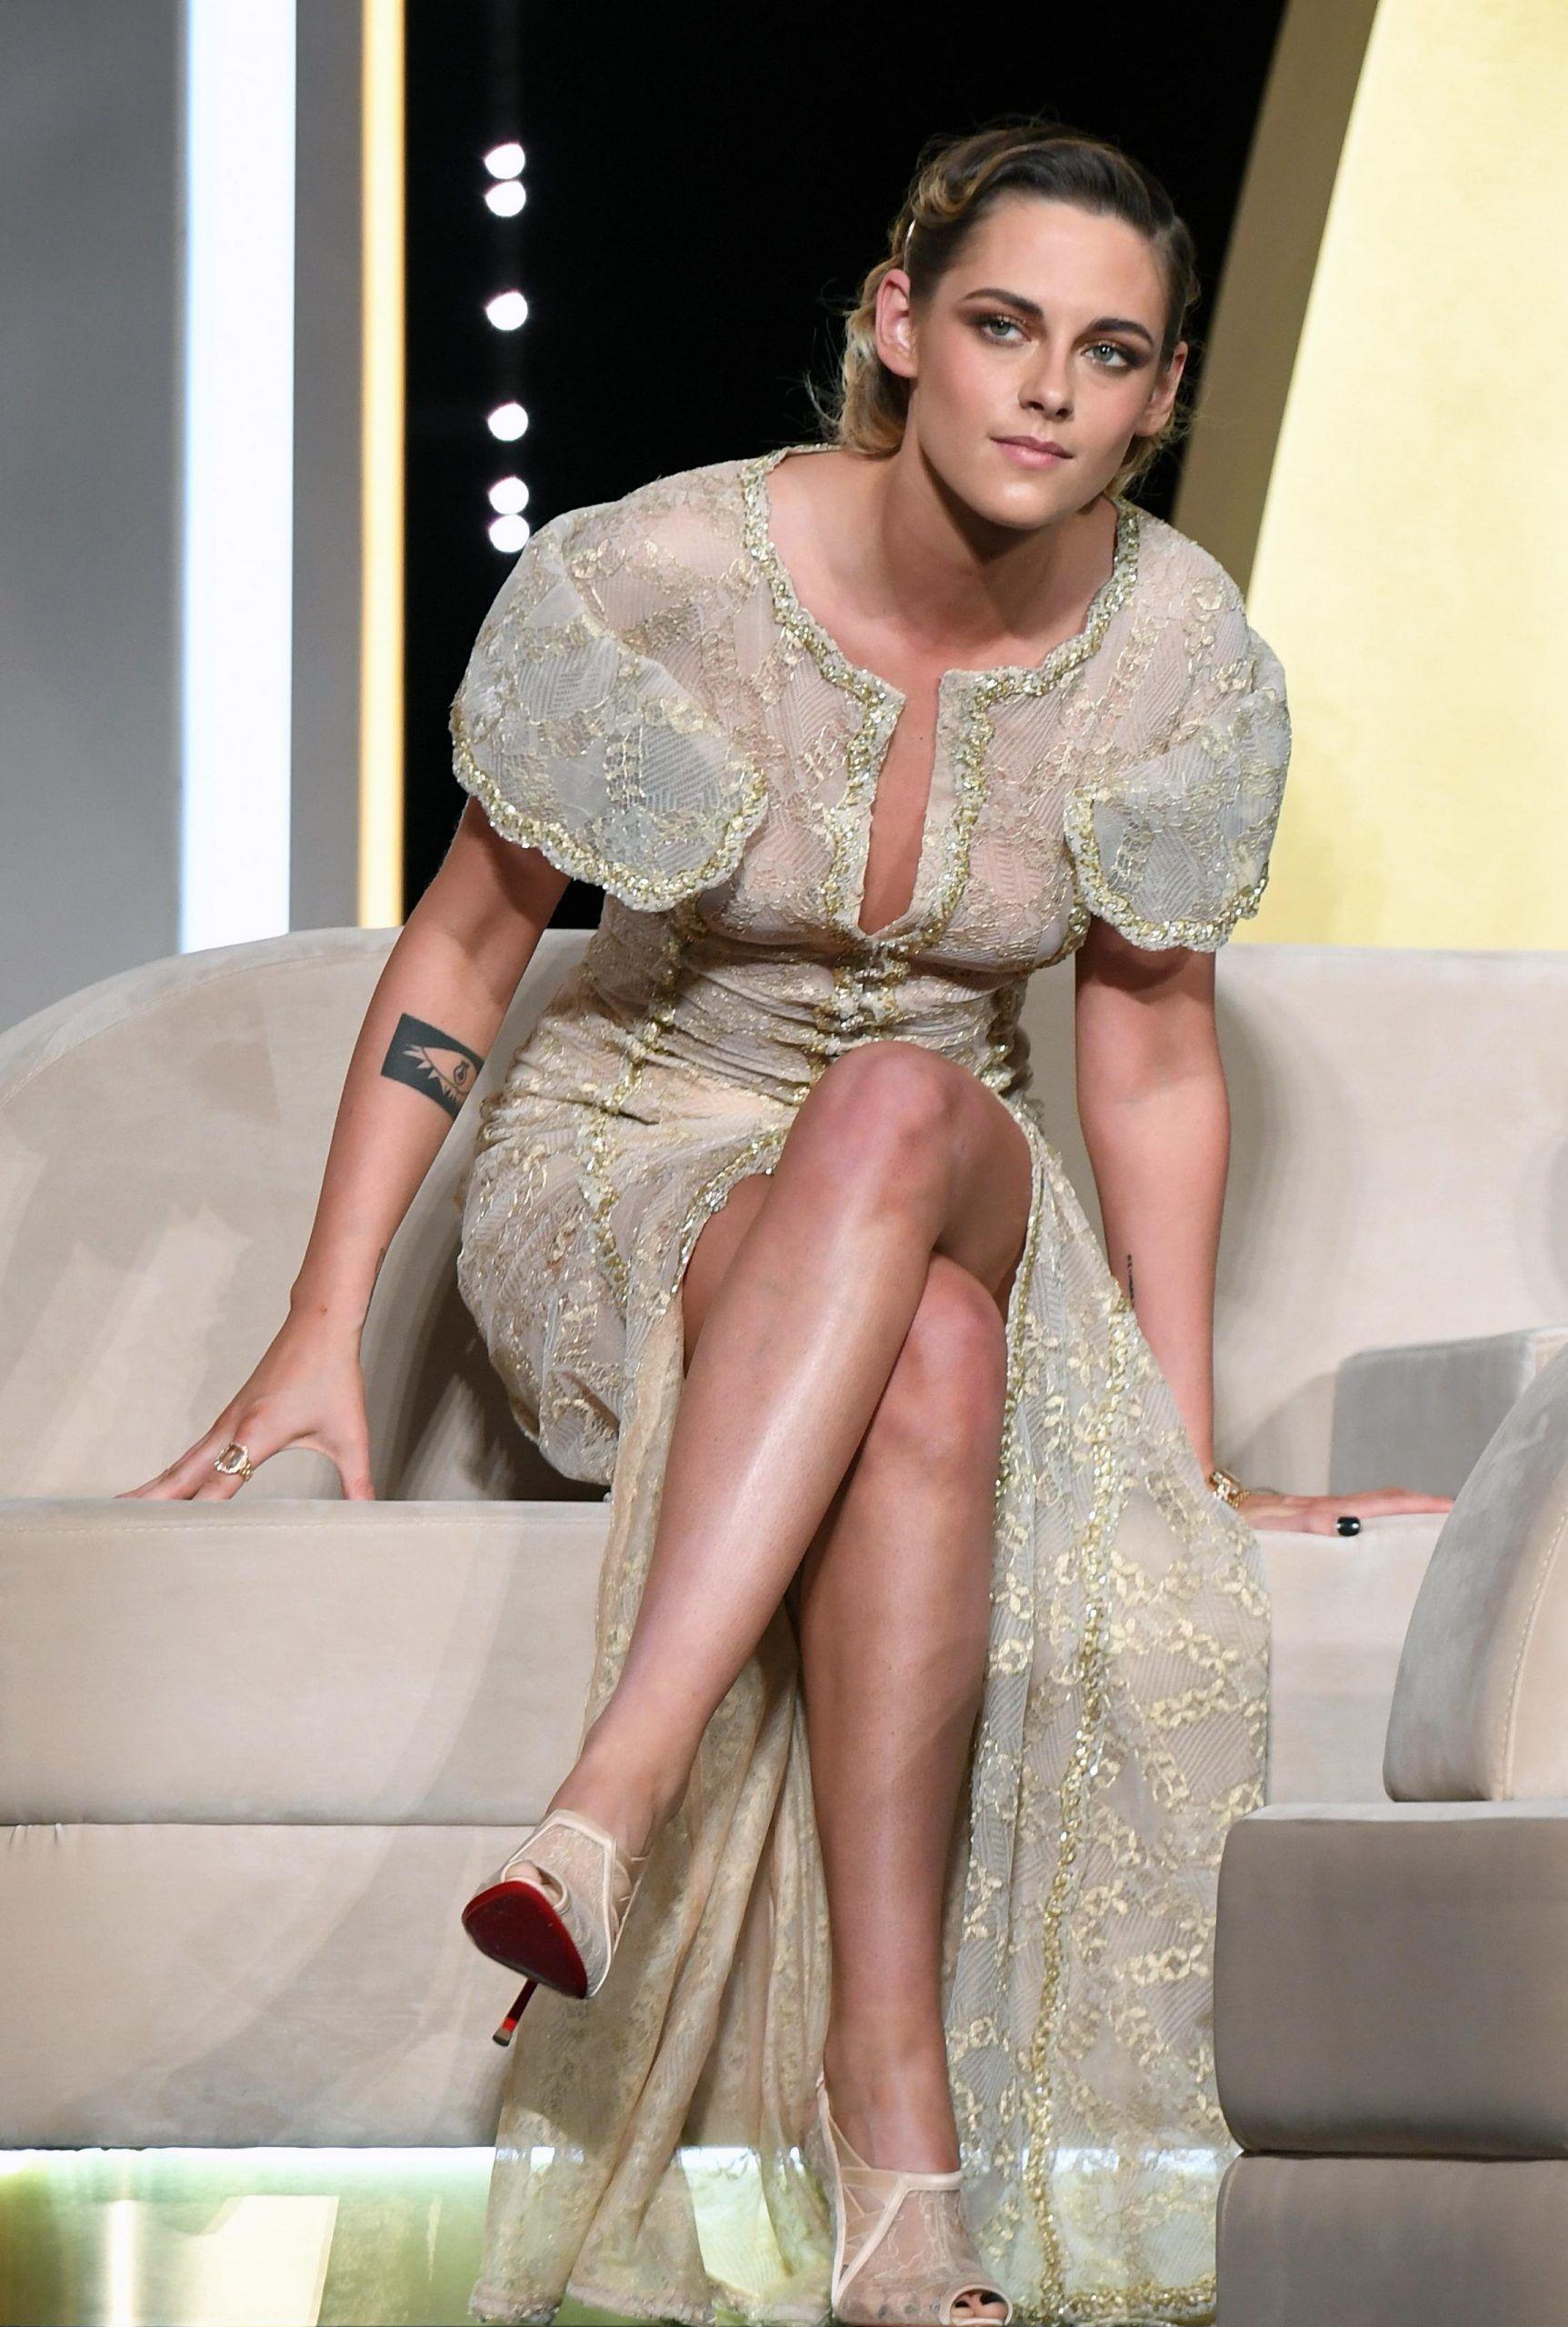 0303051210632 251 Kristen Stewart Nude Feet Porn Leaked Hot